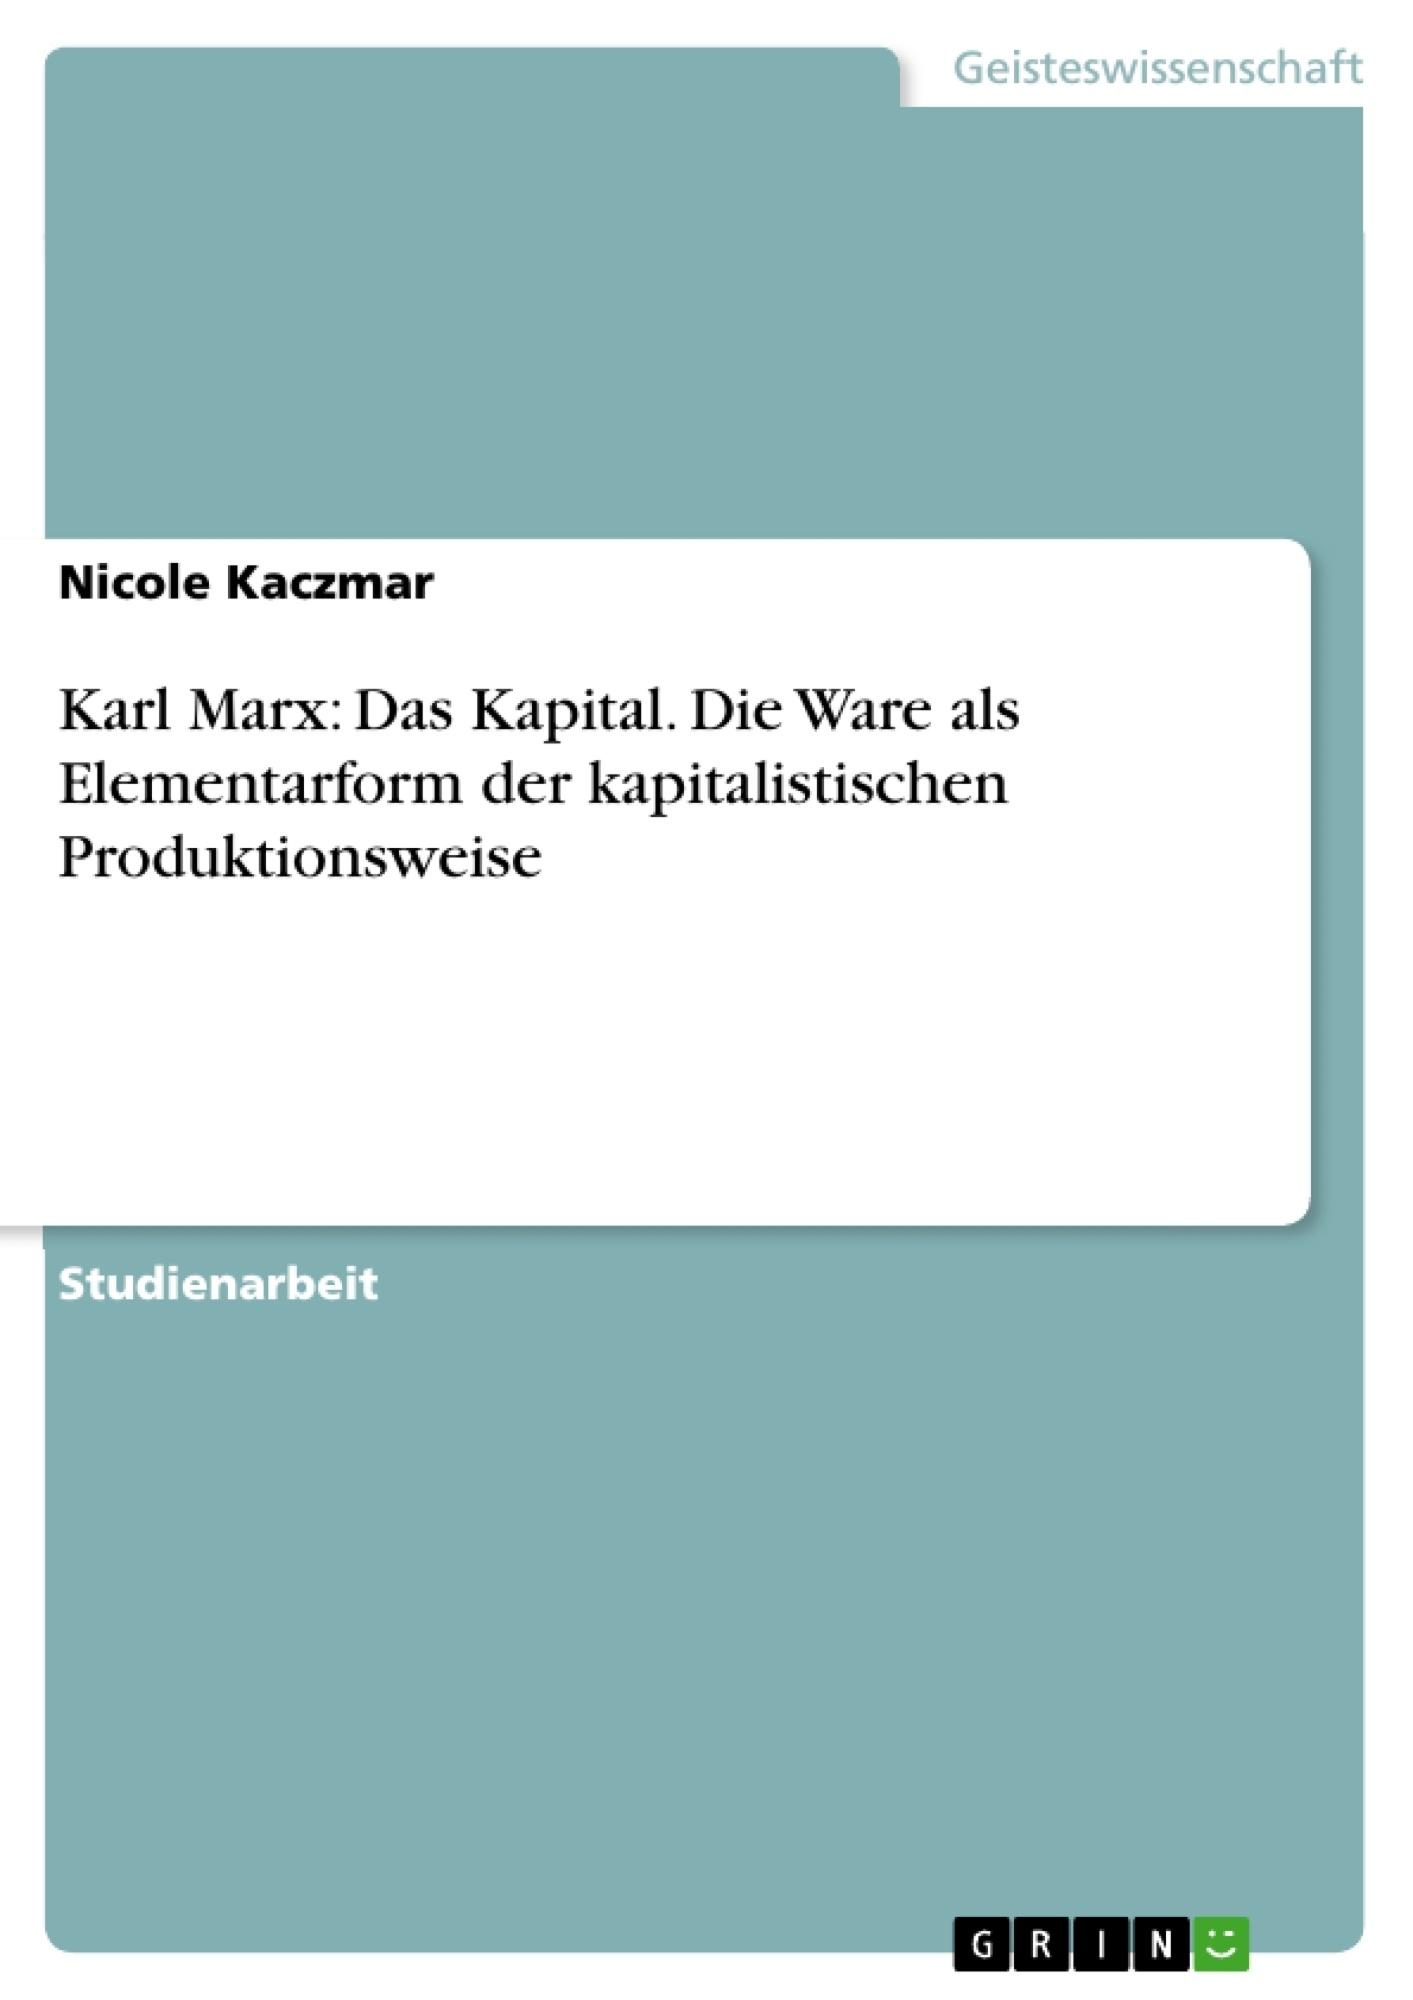 Titel: Karl Marx: Das Kapital. Die Ware als Elementarform der kapitalistischen Produktionsweise